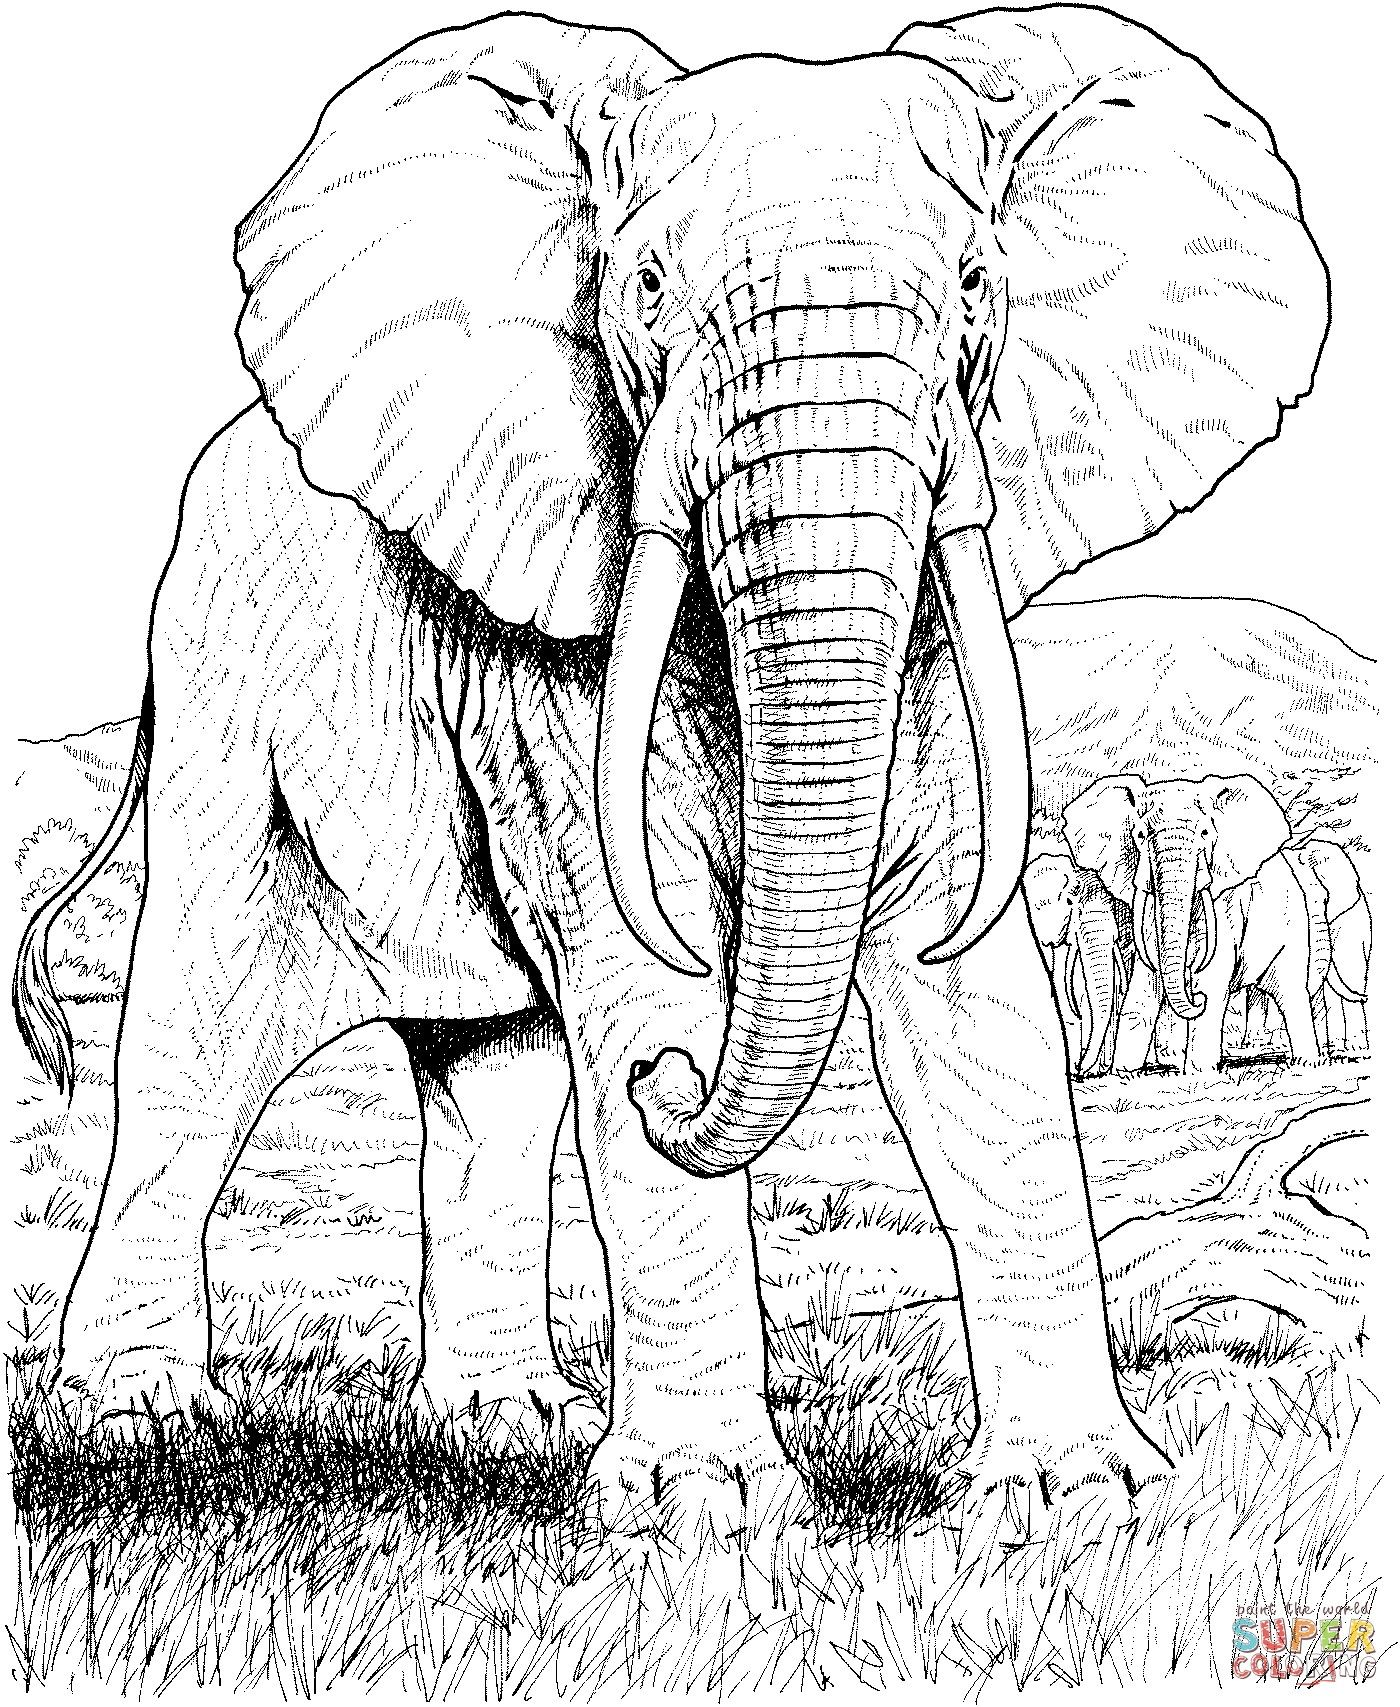 Einzigartig Malvorlagen Tiere Indien Elefanten Skizze Elefantengesicht Elefant Zeichnung